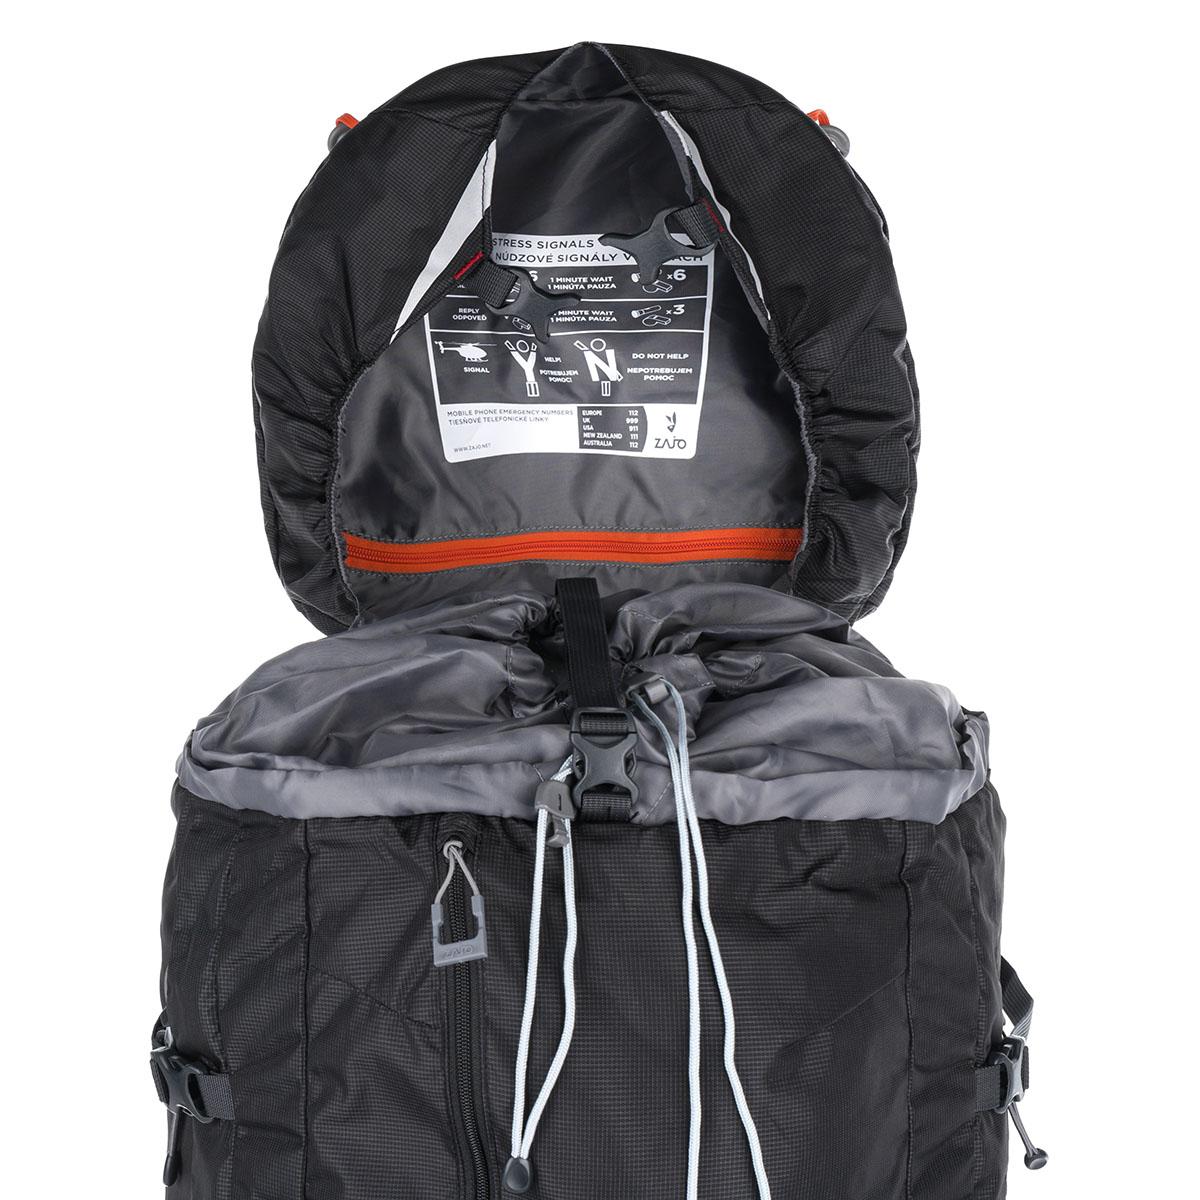 Lhotse 65 Backpack 2